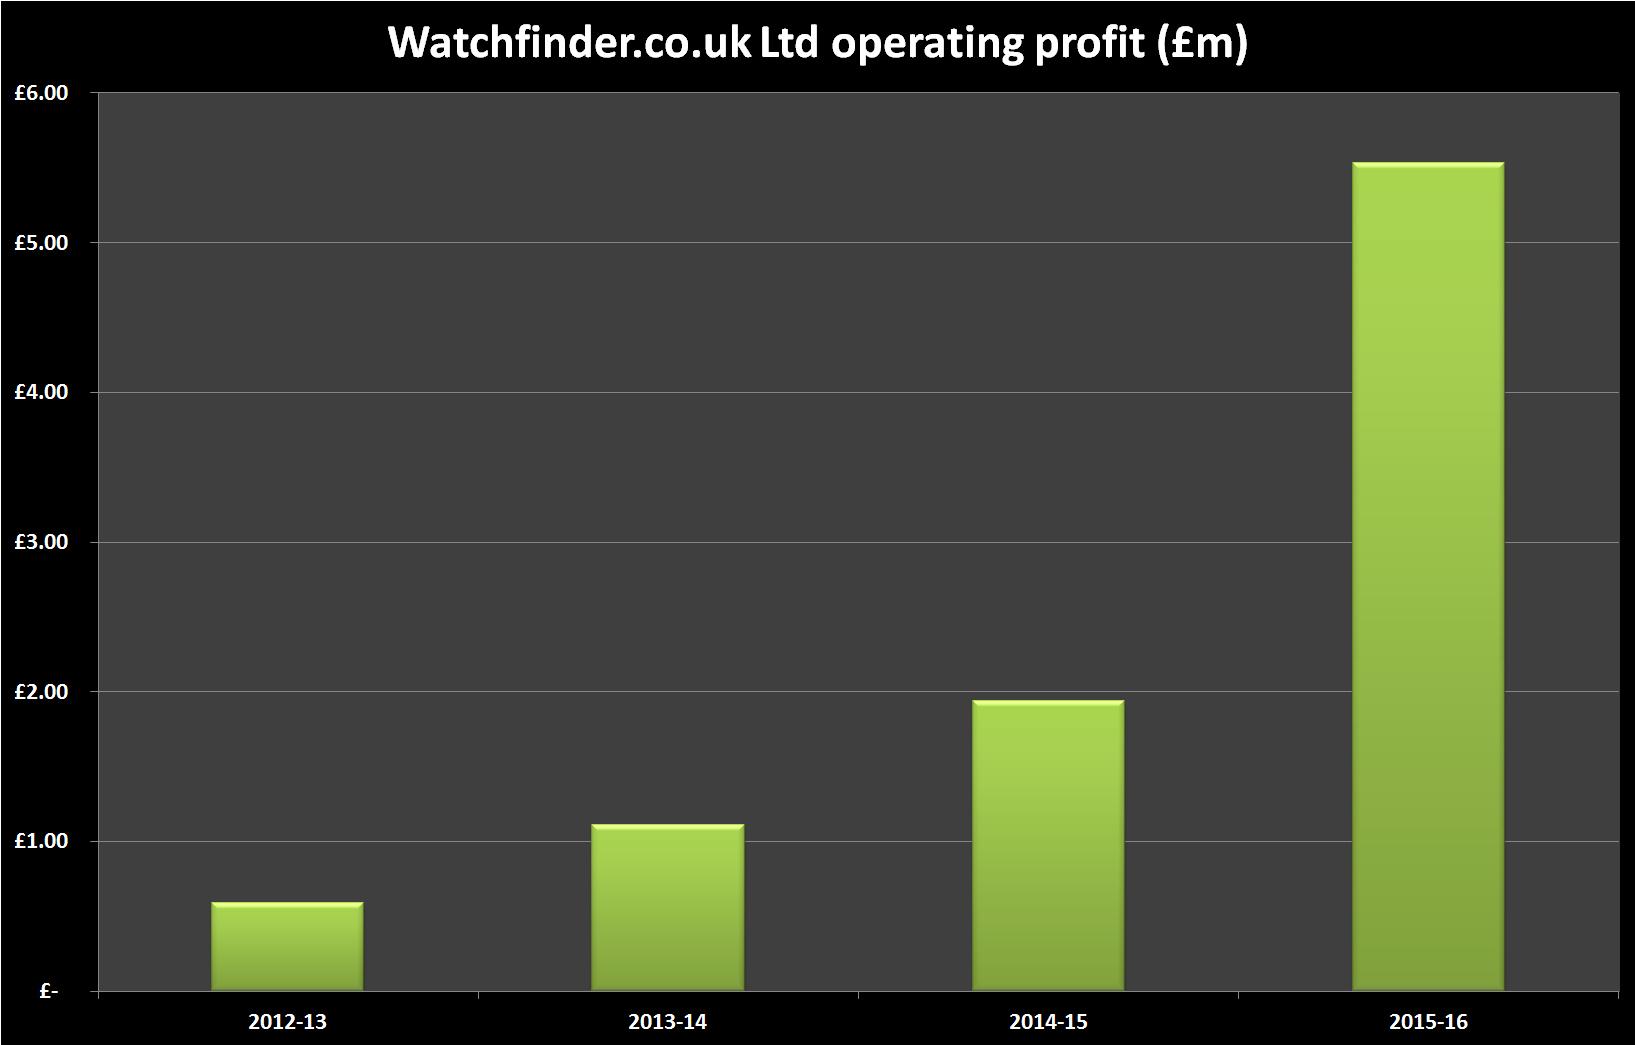 watchfinder operating profit